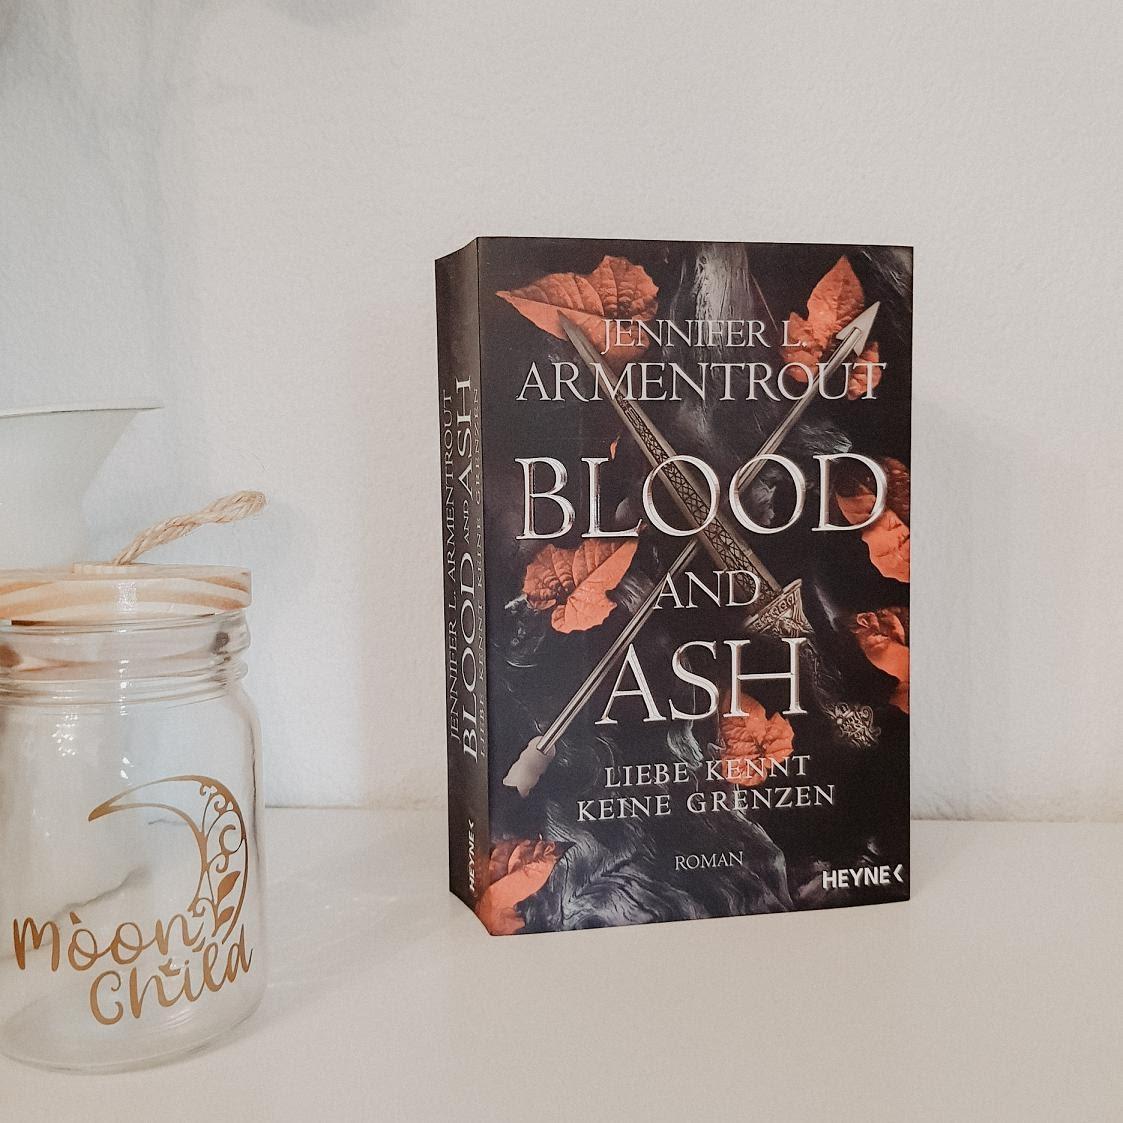 Bücherblog. Unboxing - Part 11. Chest of Fandoms - Blood & Ash Spezial Box. Jennifer L. Armentrout. FBAA.